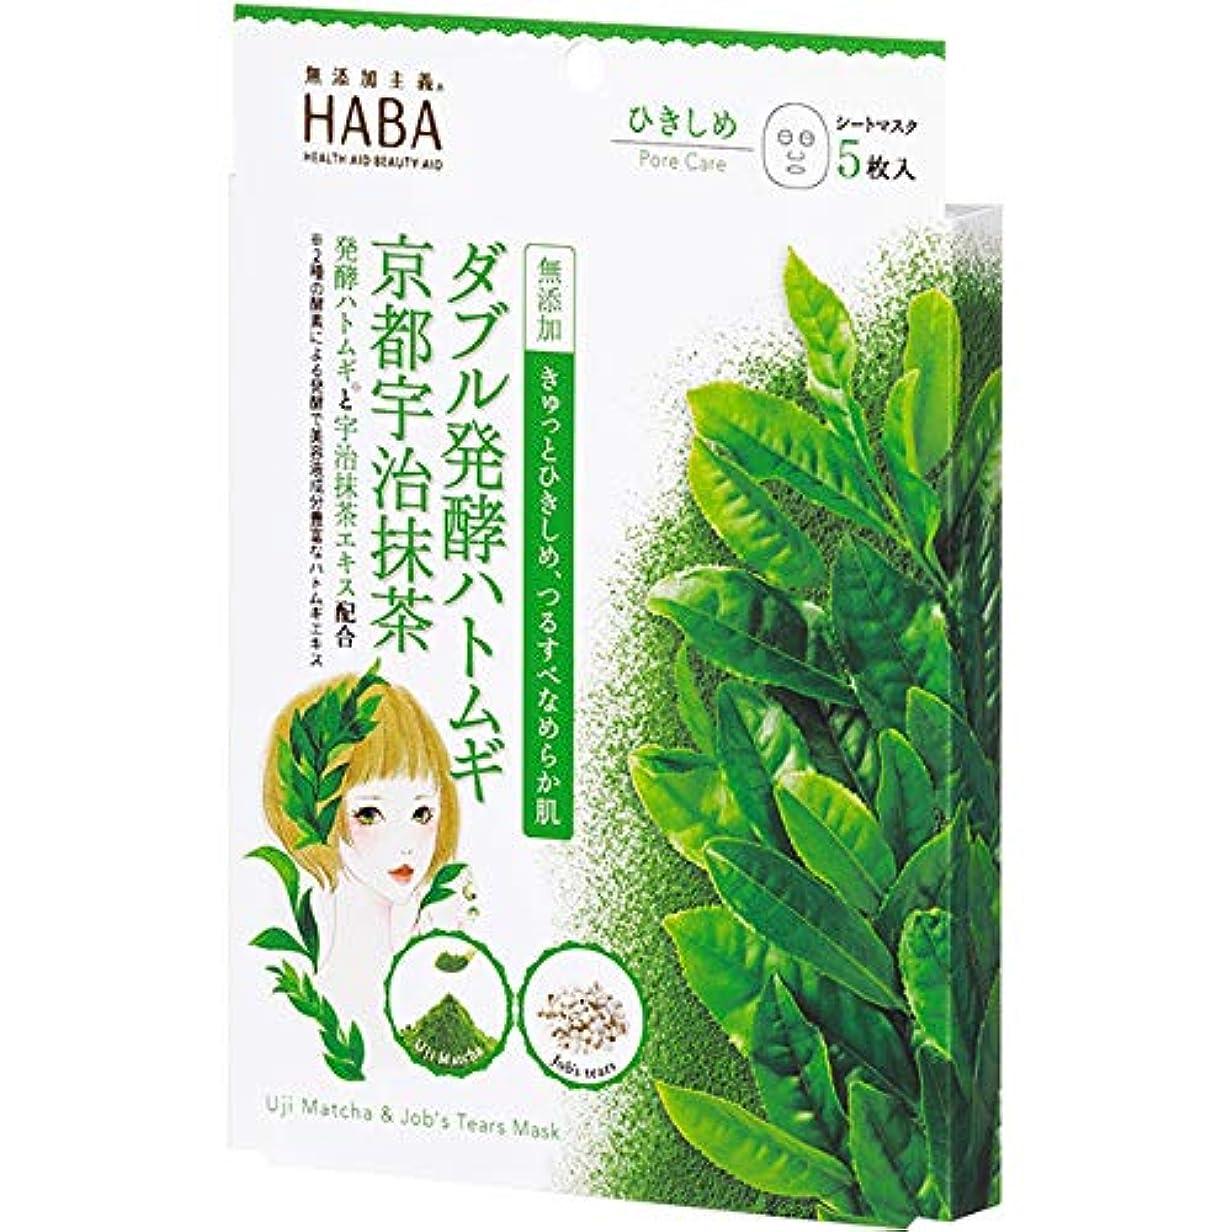 自体ねじれぬれたハーバー 発酵ハトムギ宇治抹茶マスク 5包